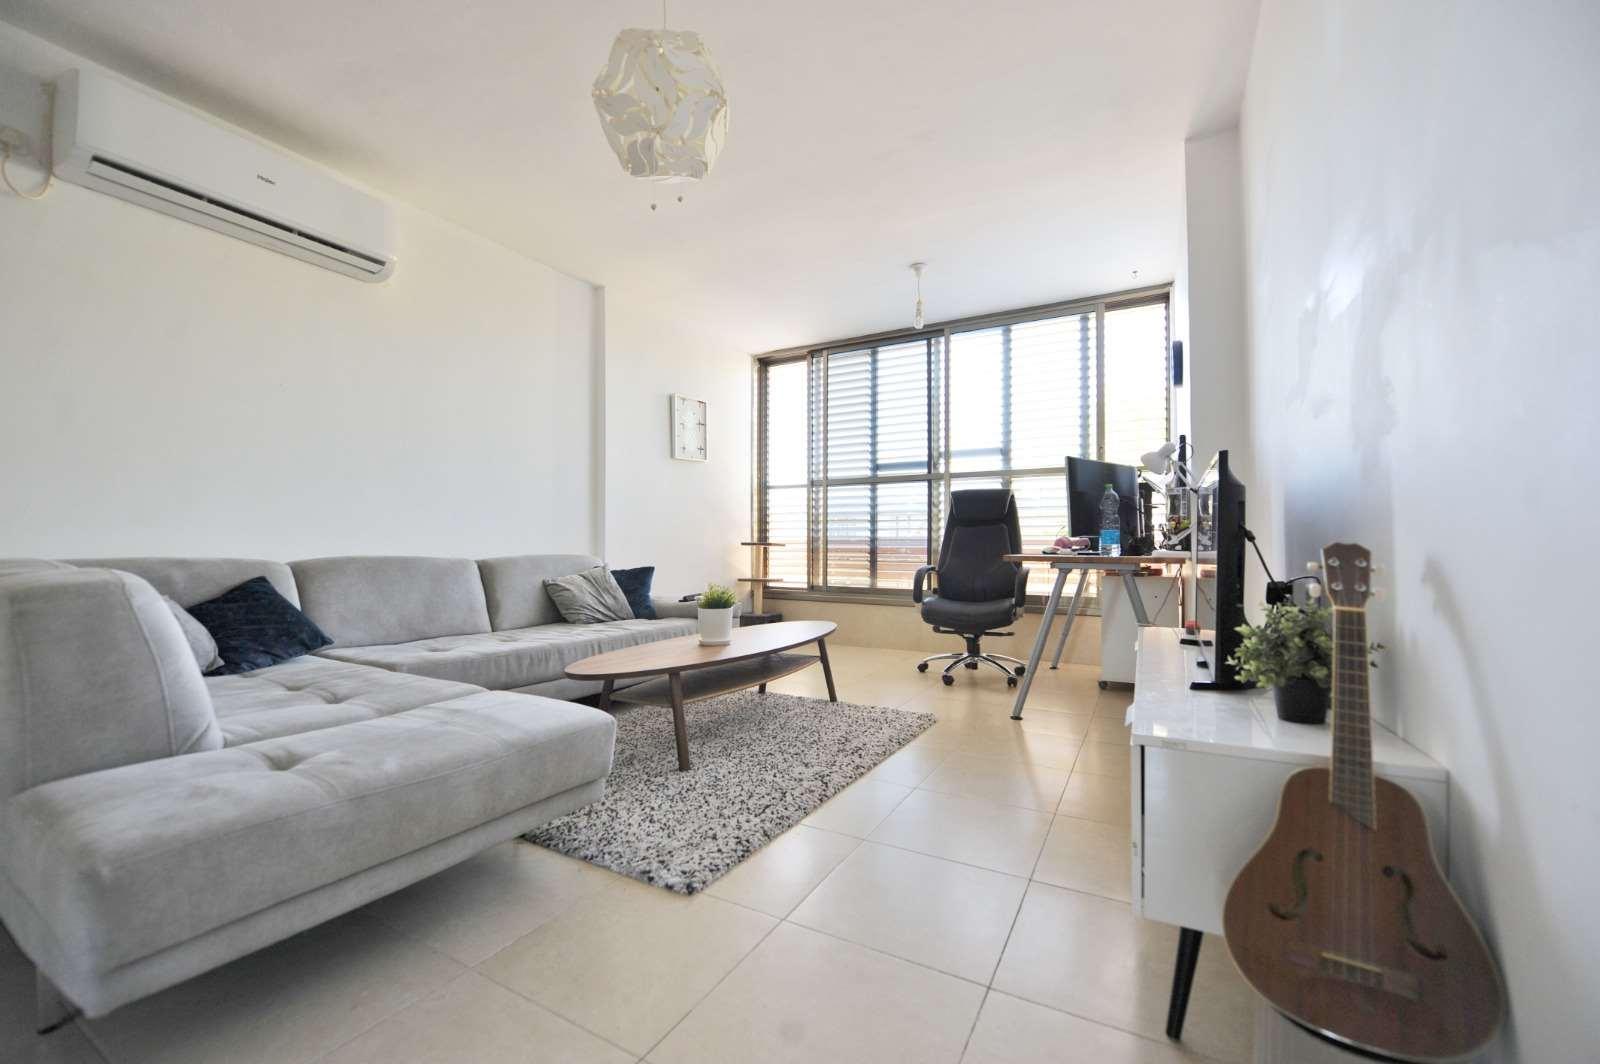 דירה להשכרה 3.5 חדרים בקרית אונו צהל קראון